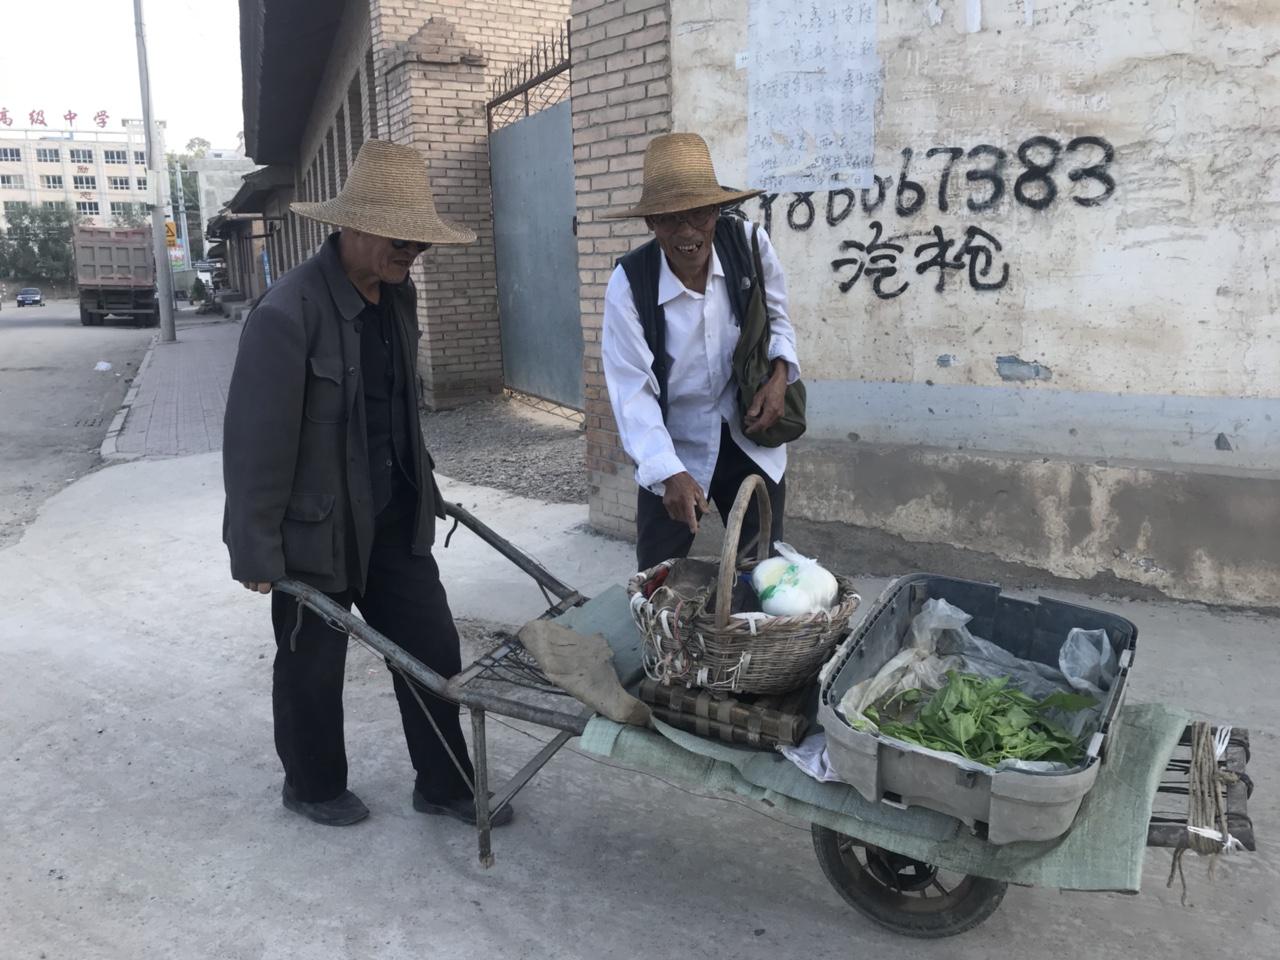 龙山镇推三轮车卖菠菜的老大爷笑容慈祥